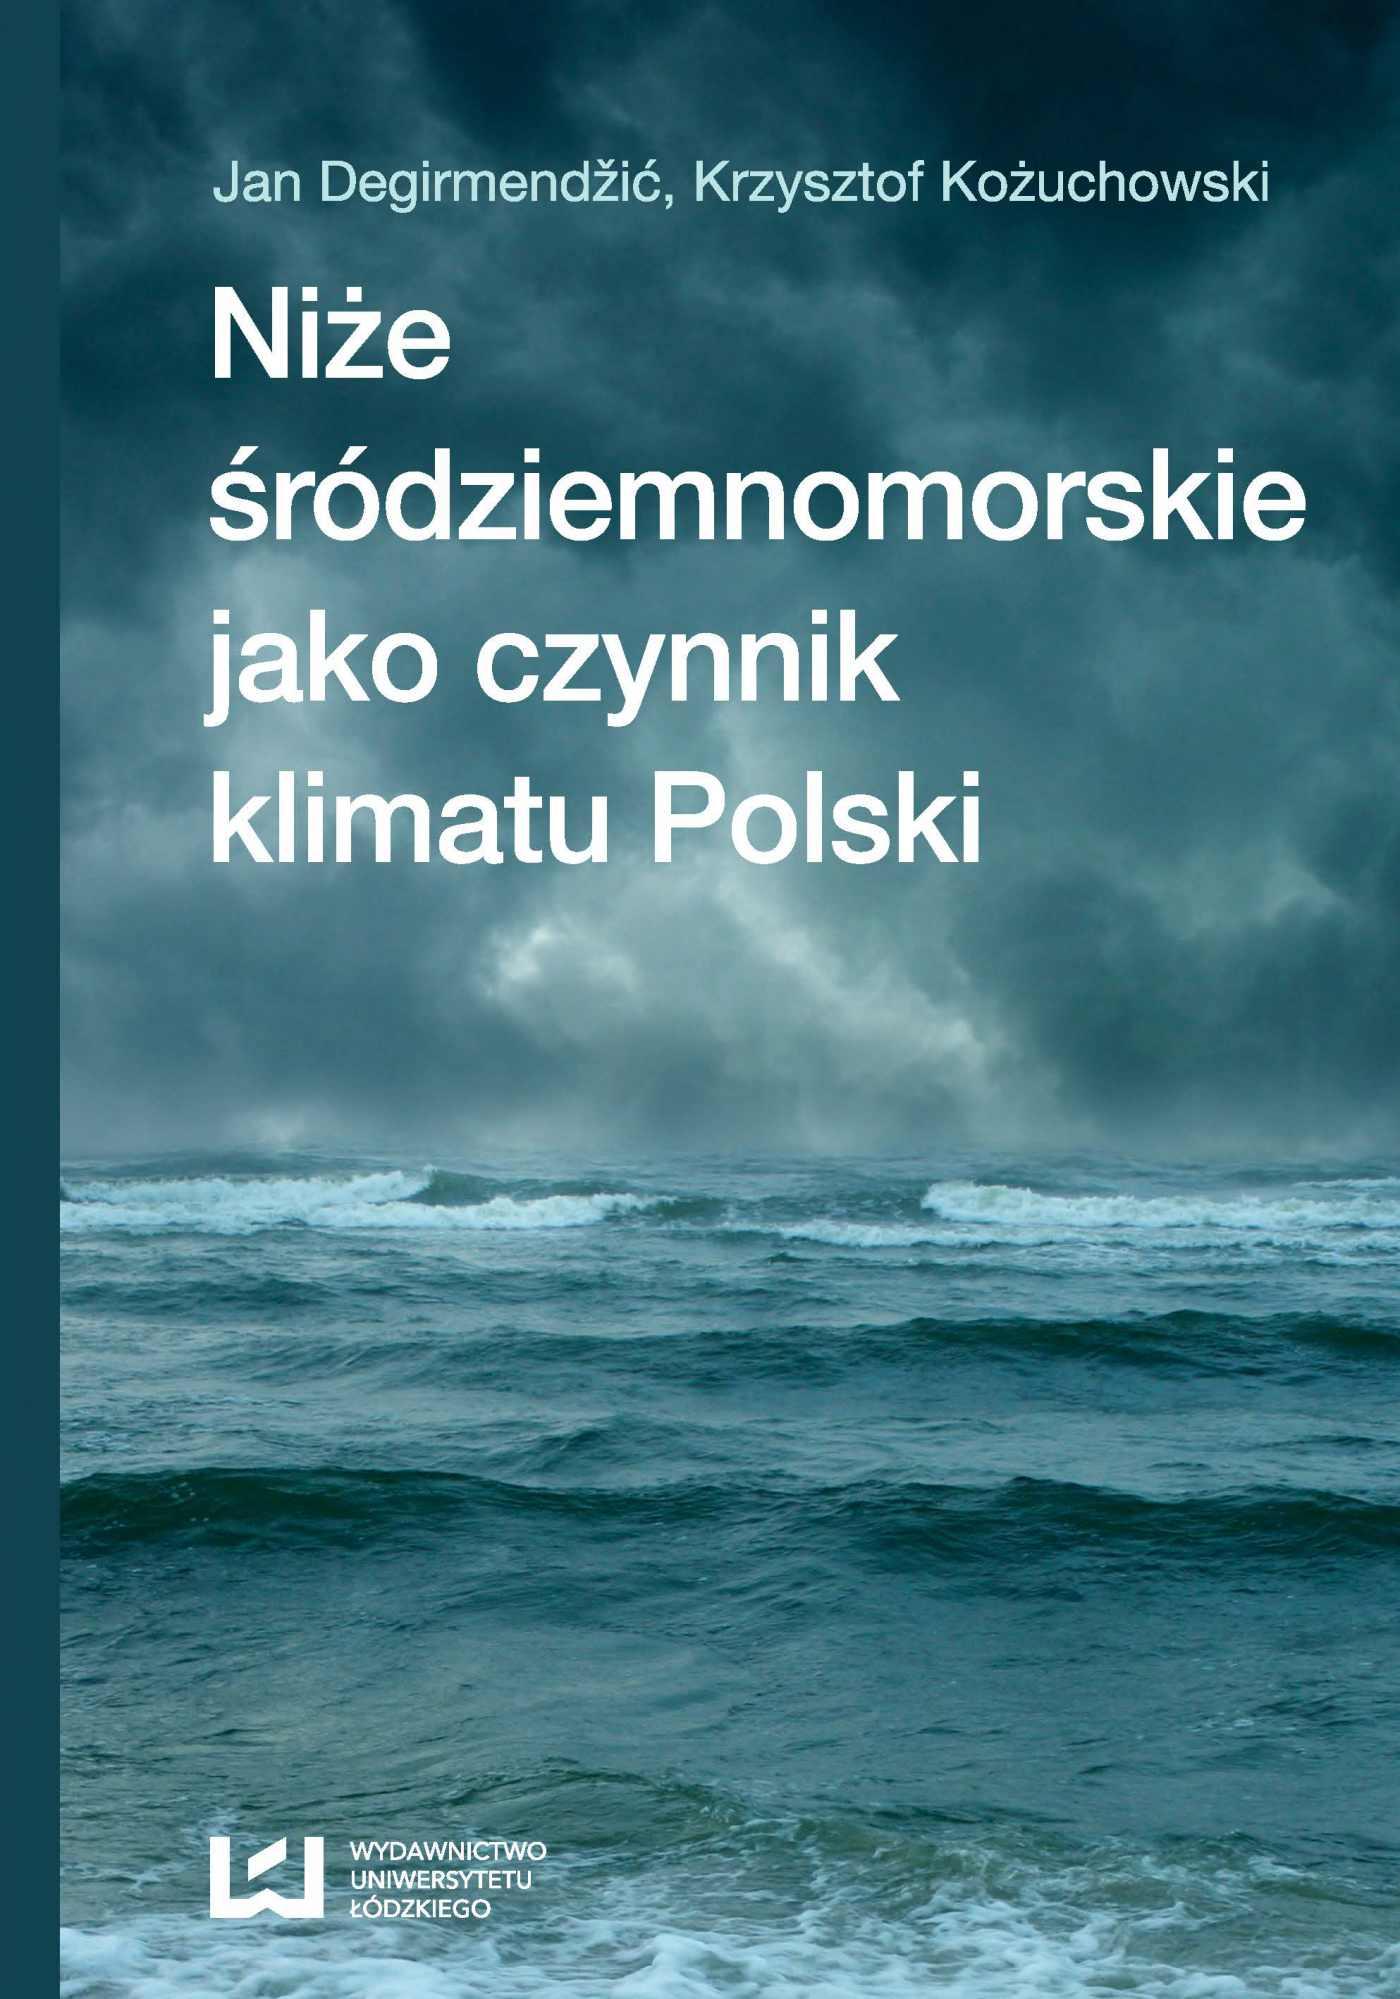 Niże śródziemnomorskie jako czynnik klimatu Polski - Ebook (Książka PDF) do pobrania w formacie PDF